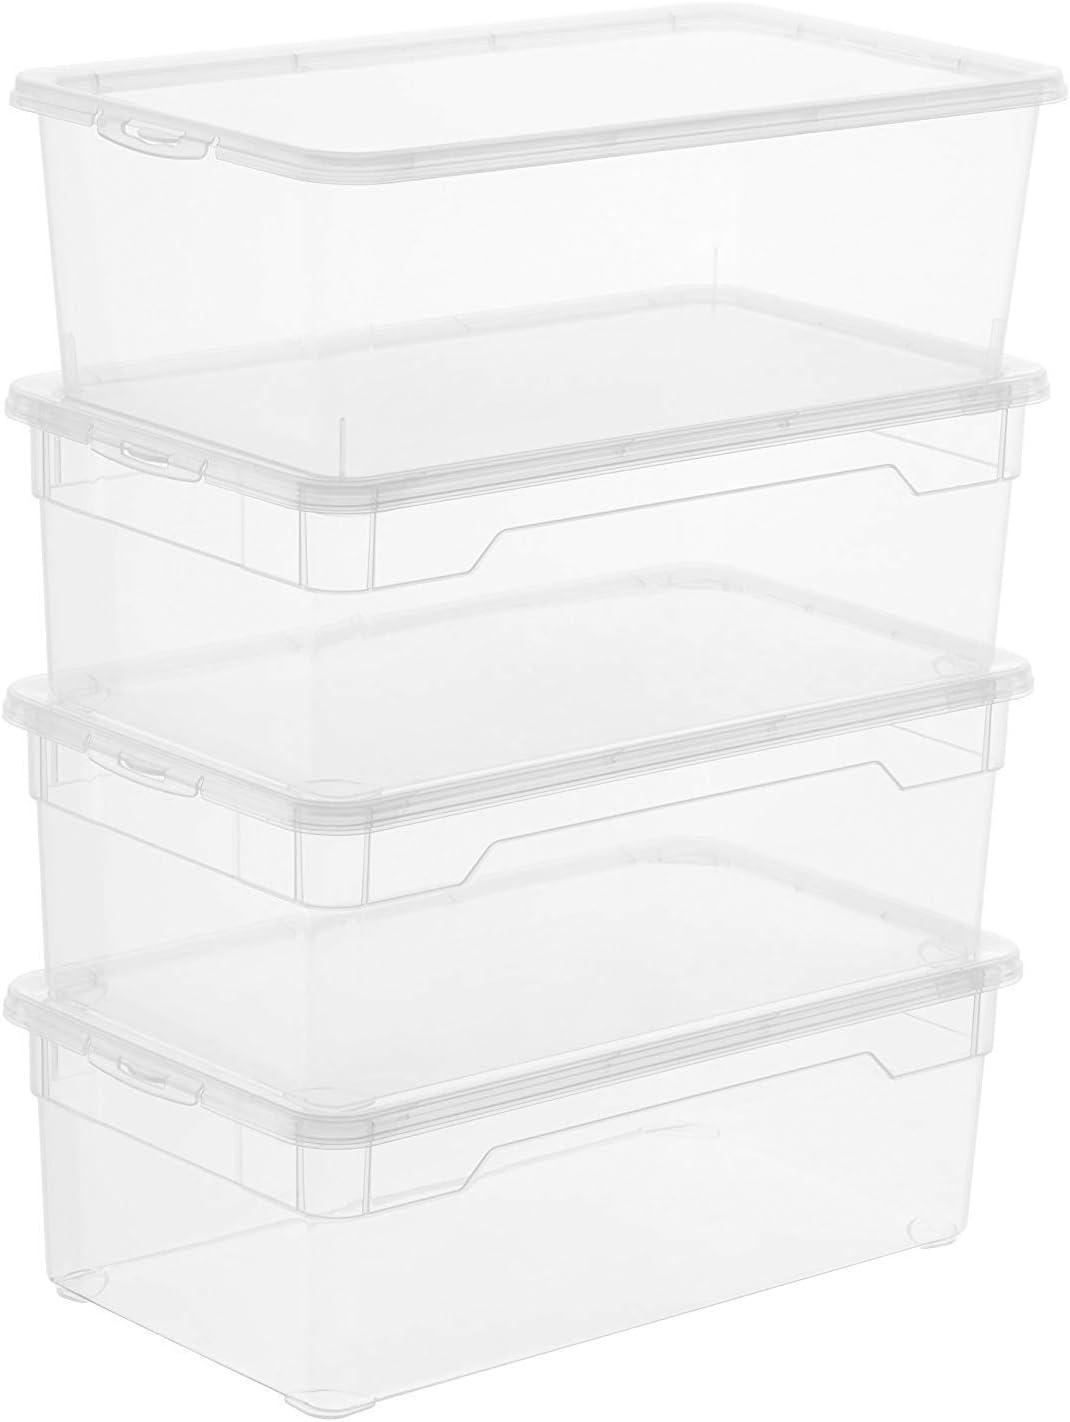 Sundis Rotho 6334390000 - Caja de almacenamiento con tapa, color transparente, plástico, paquete de 4